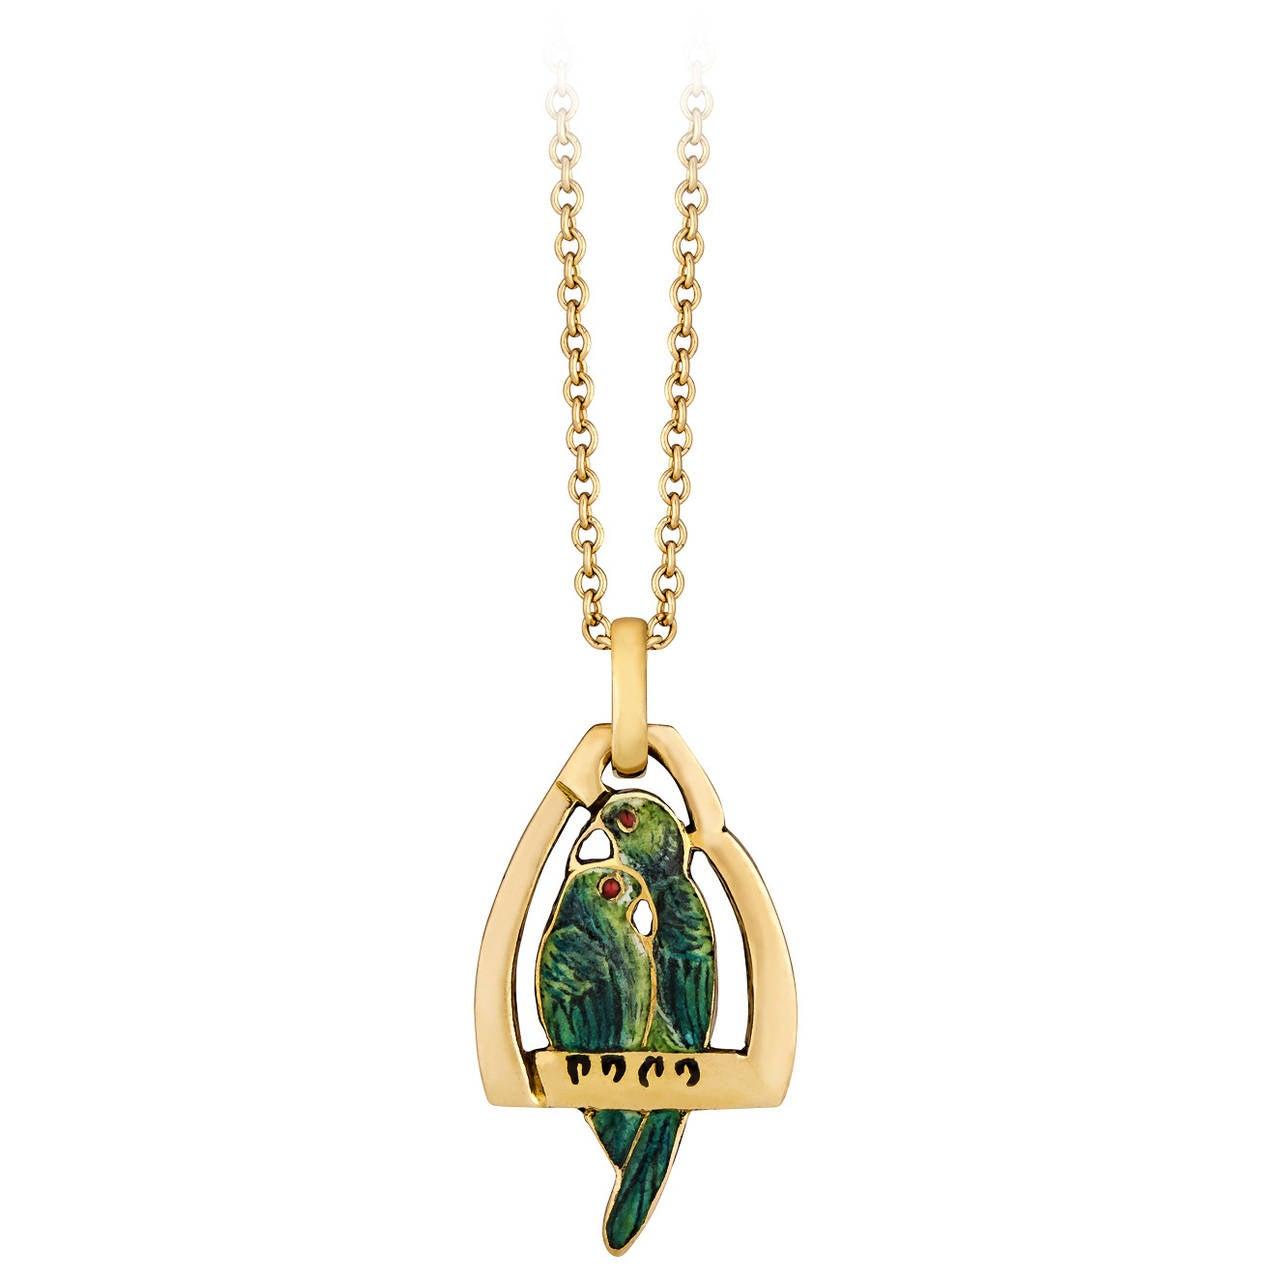 Cartier retro enamel gold love bird pendant and chain at 1stdibs cartier retro enamel gold love bird pendant and chain 1 mozeypictures Gallery